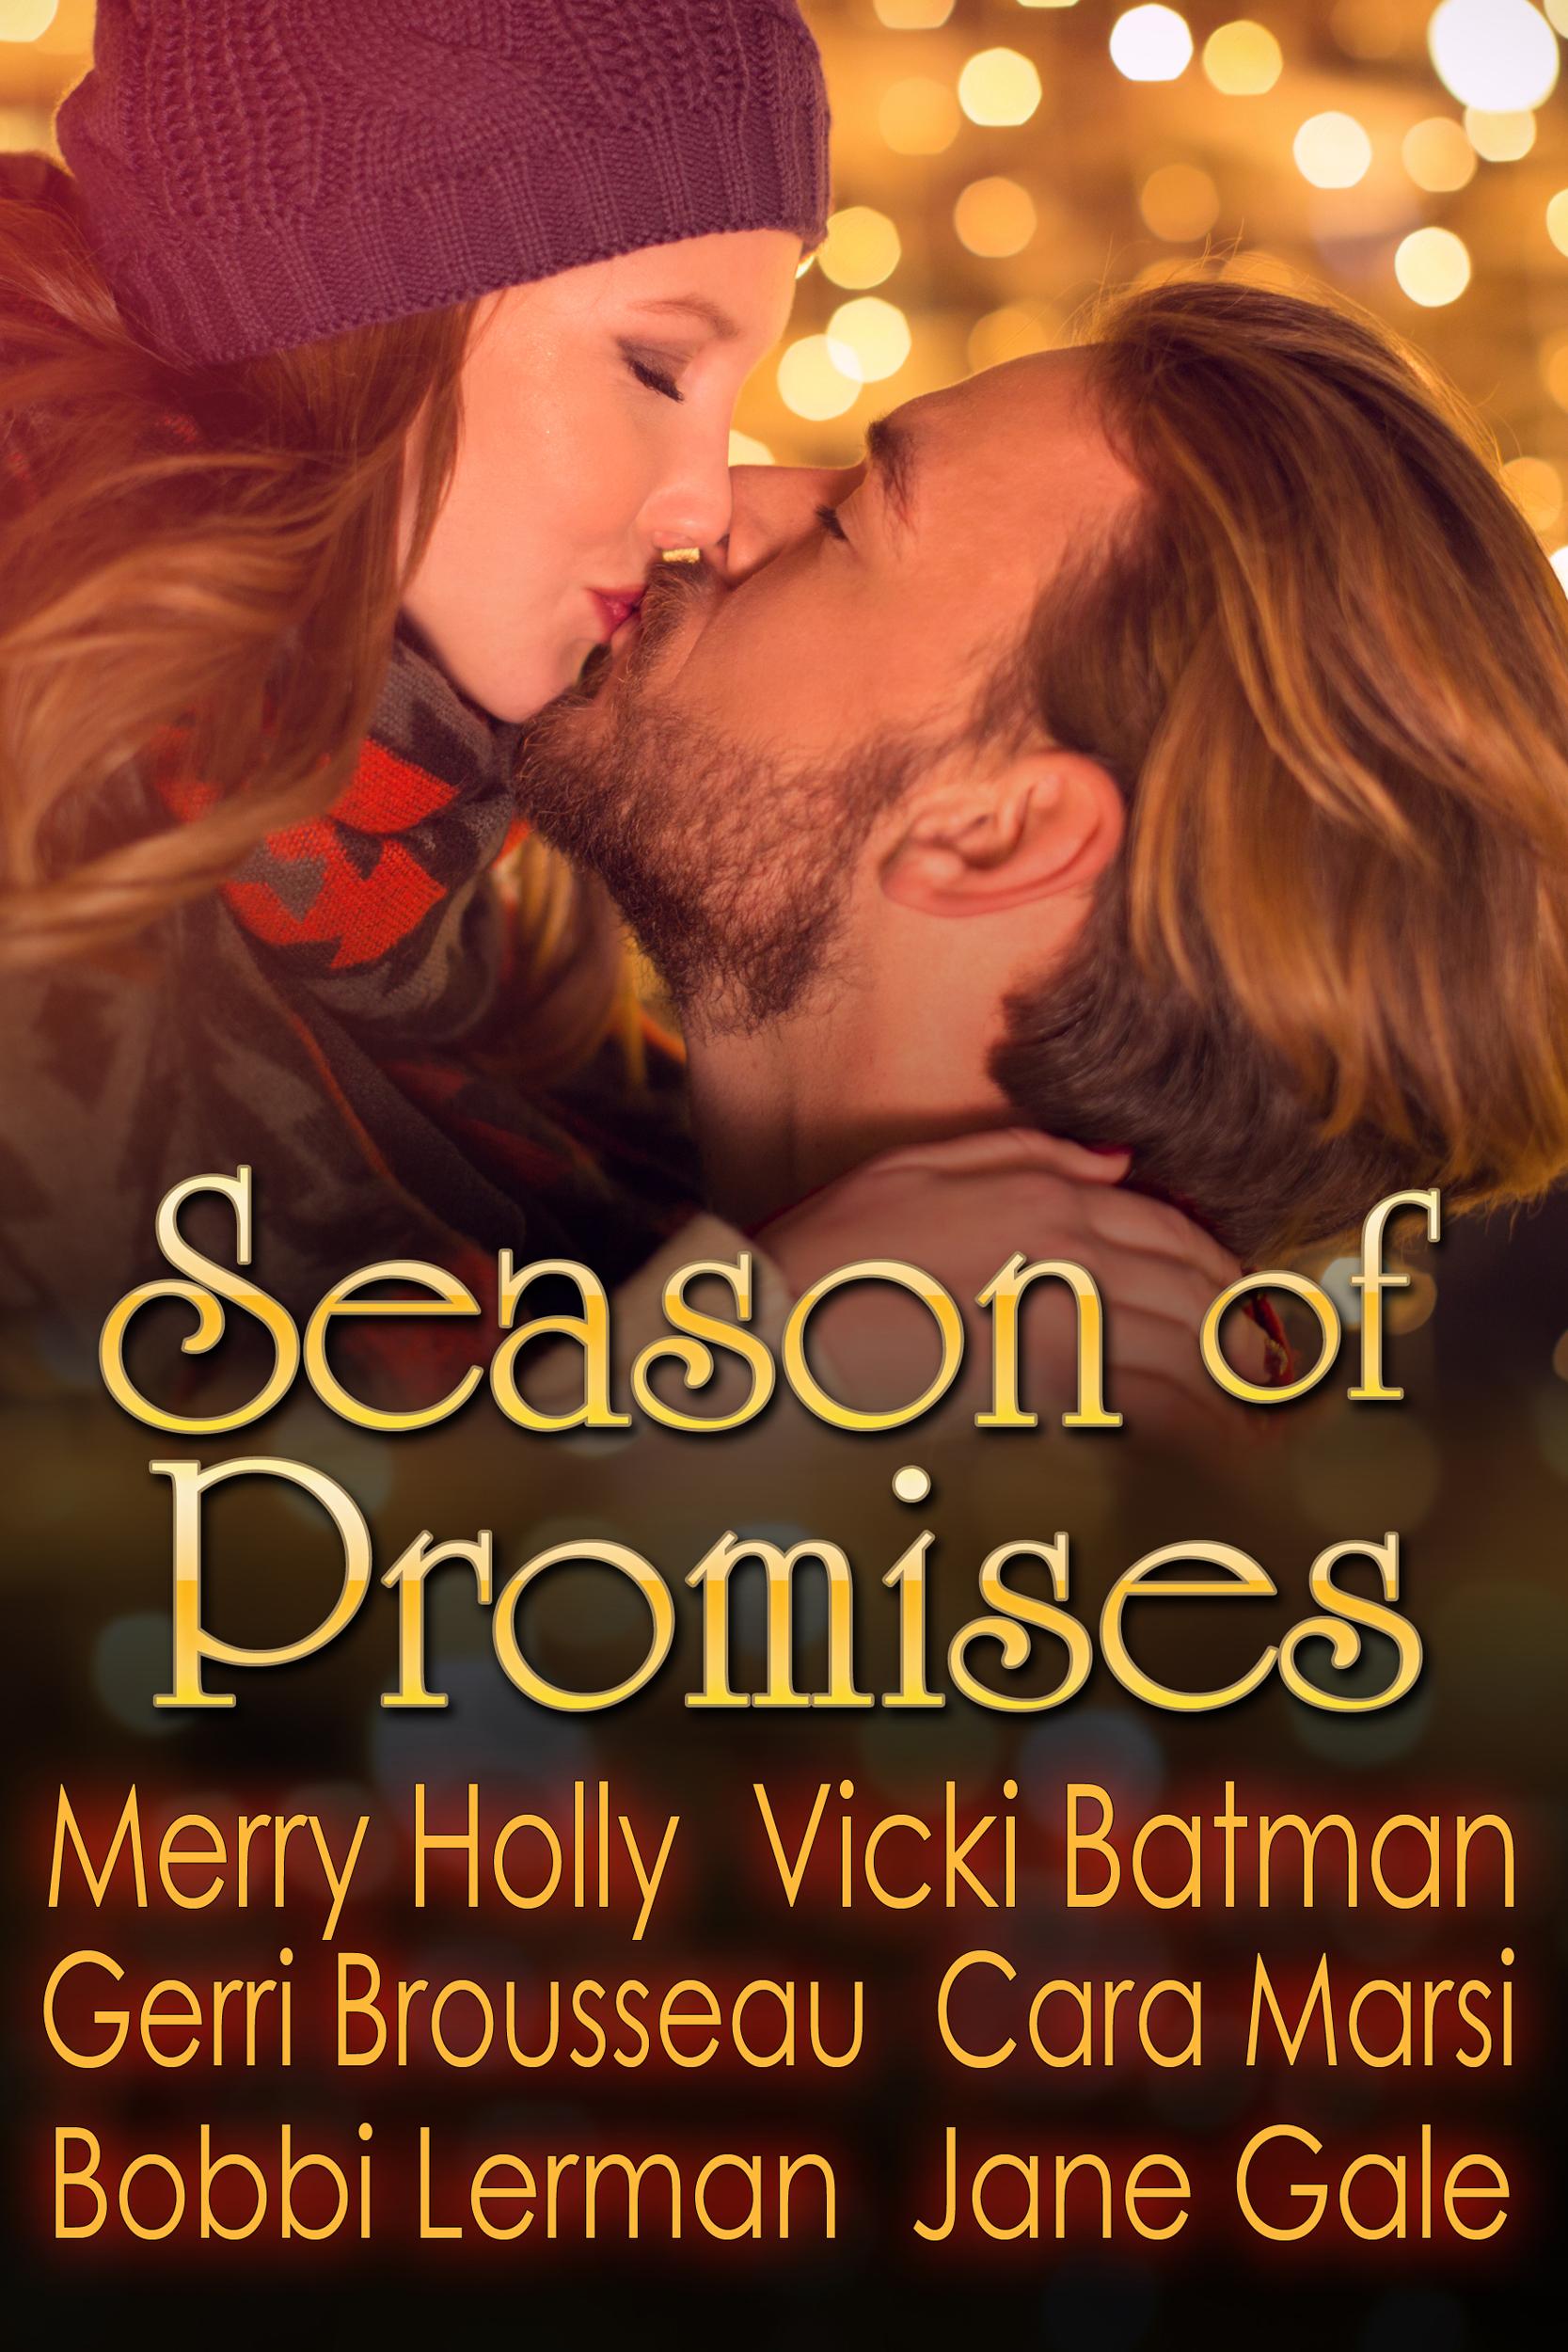 Season of Promises Anthology